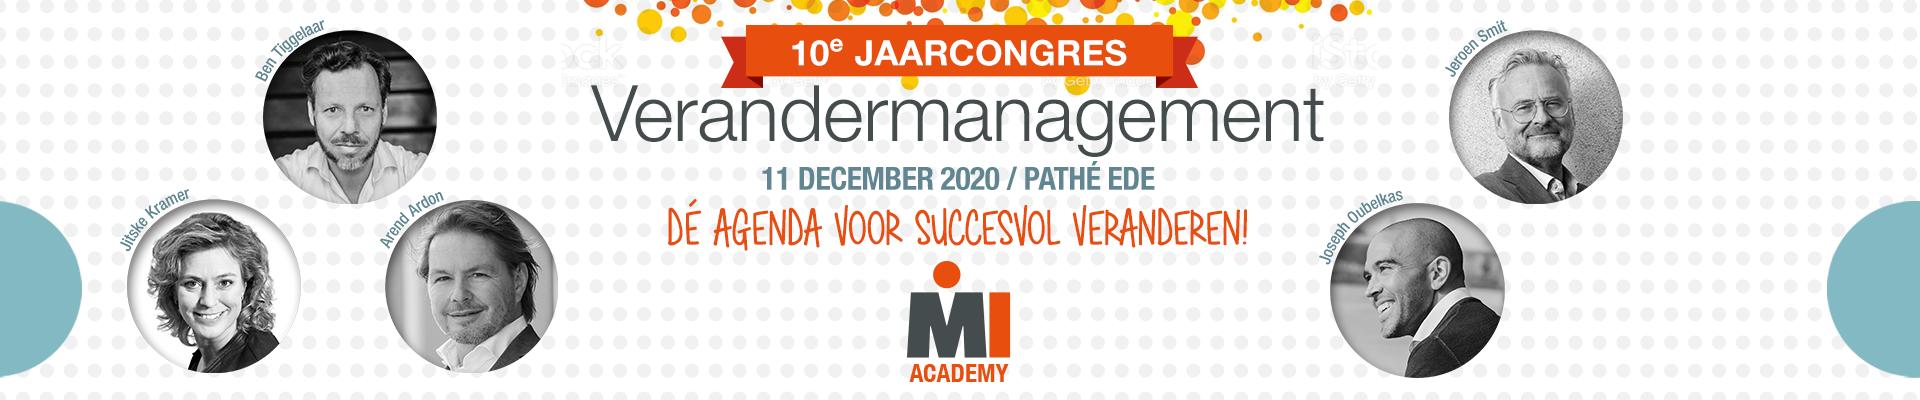 Jaarcongres Verandermanagement 2020